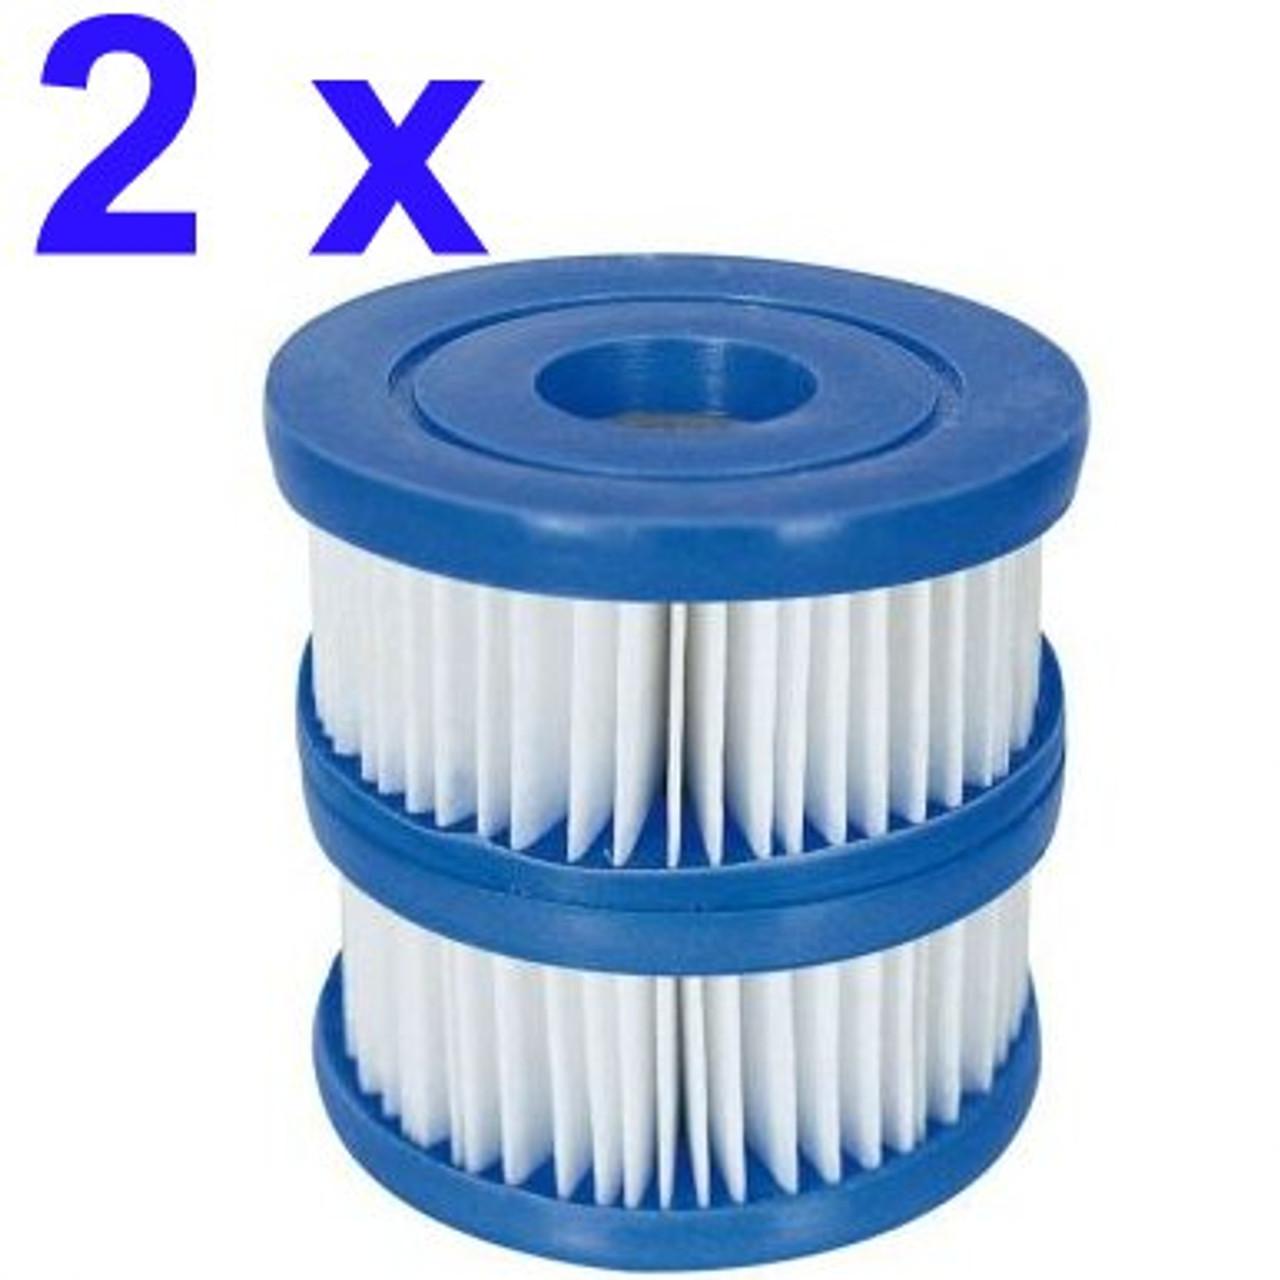 Bestway Spa filter cartridges 58239 pack of 4